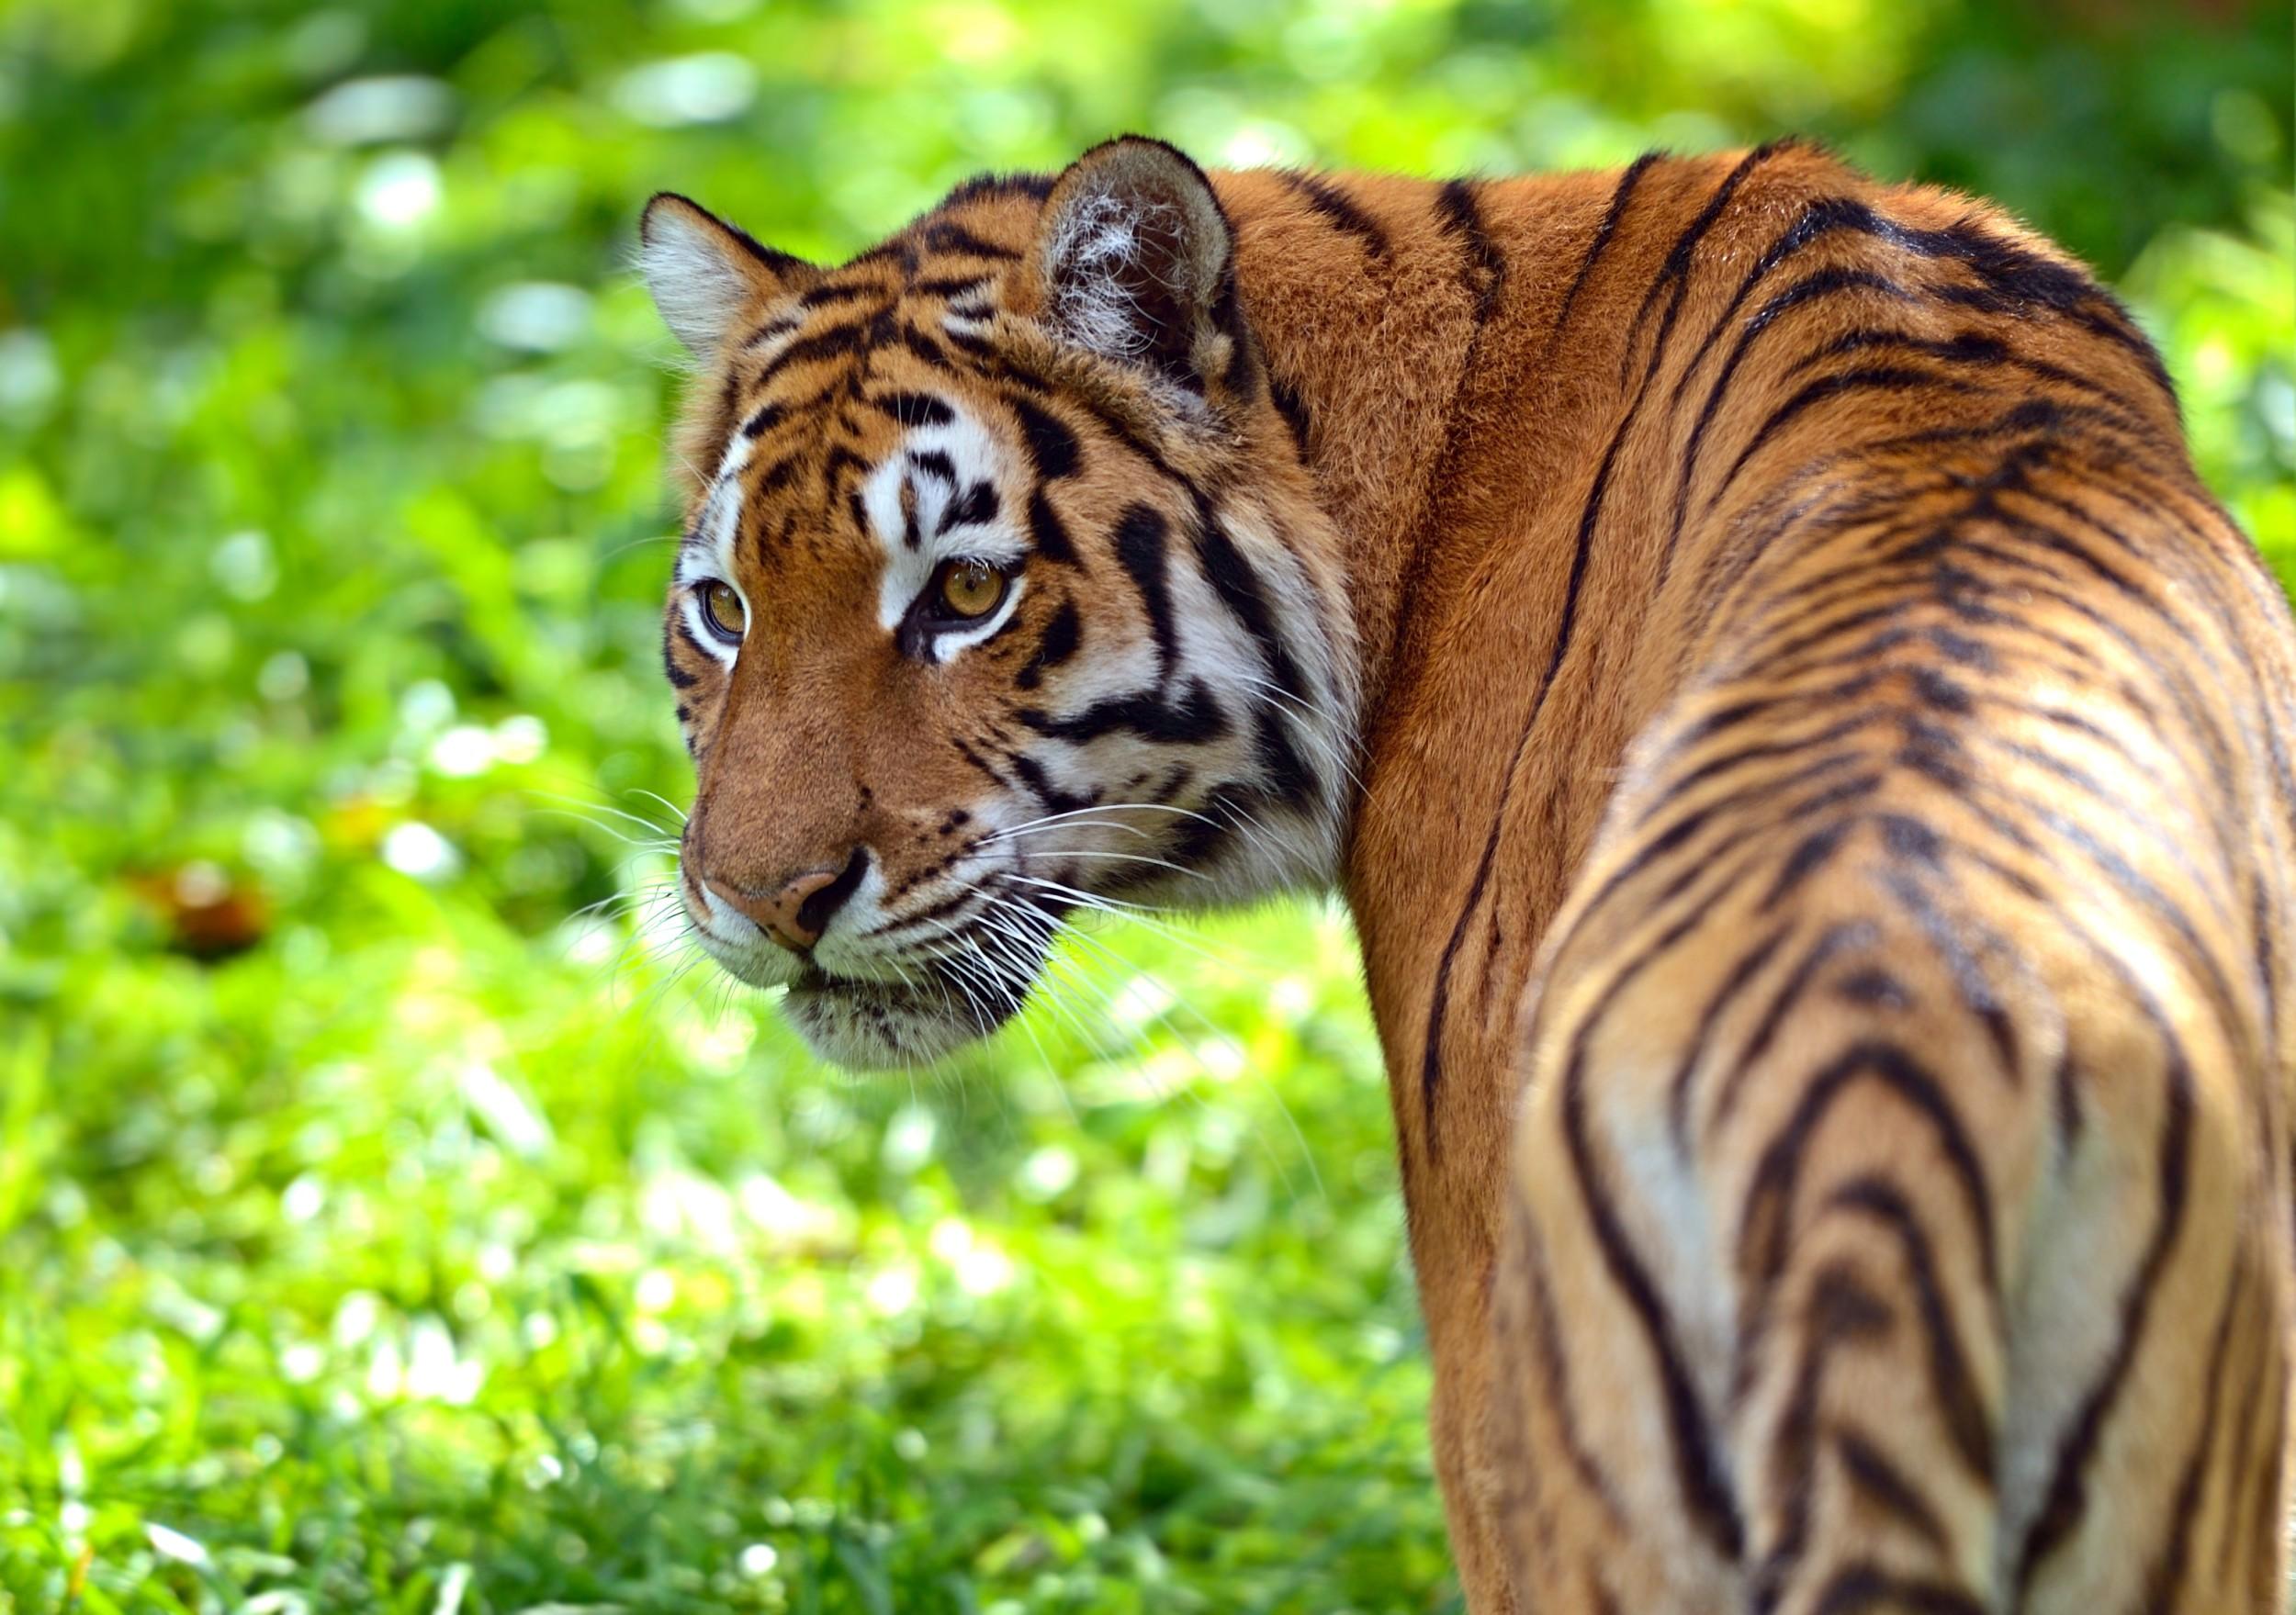 Cute Cubs Wallpaper Tigre Ecologia Caracter 237 Sticas Subesp 233 Cies E Fotos De